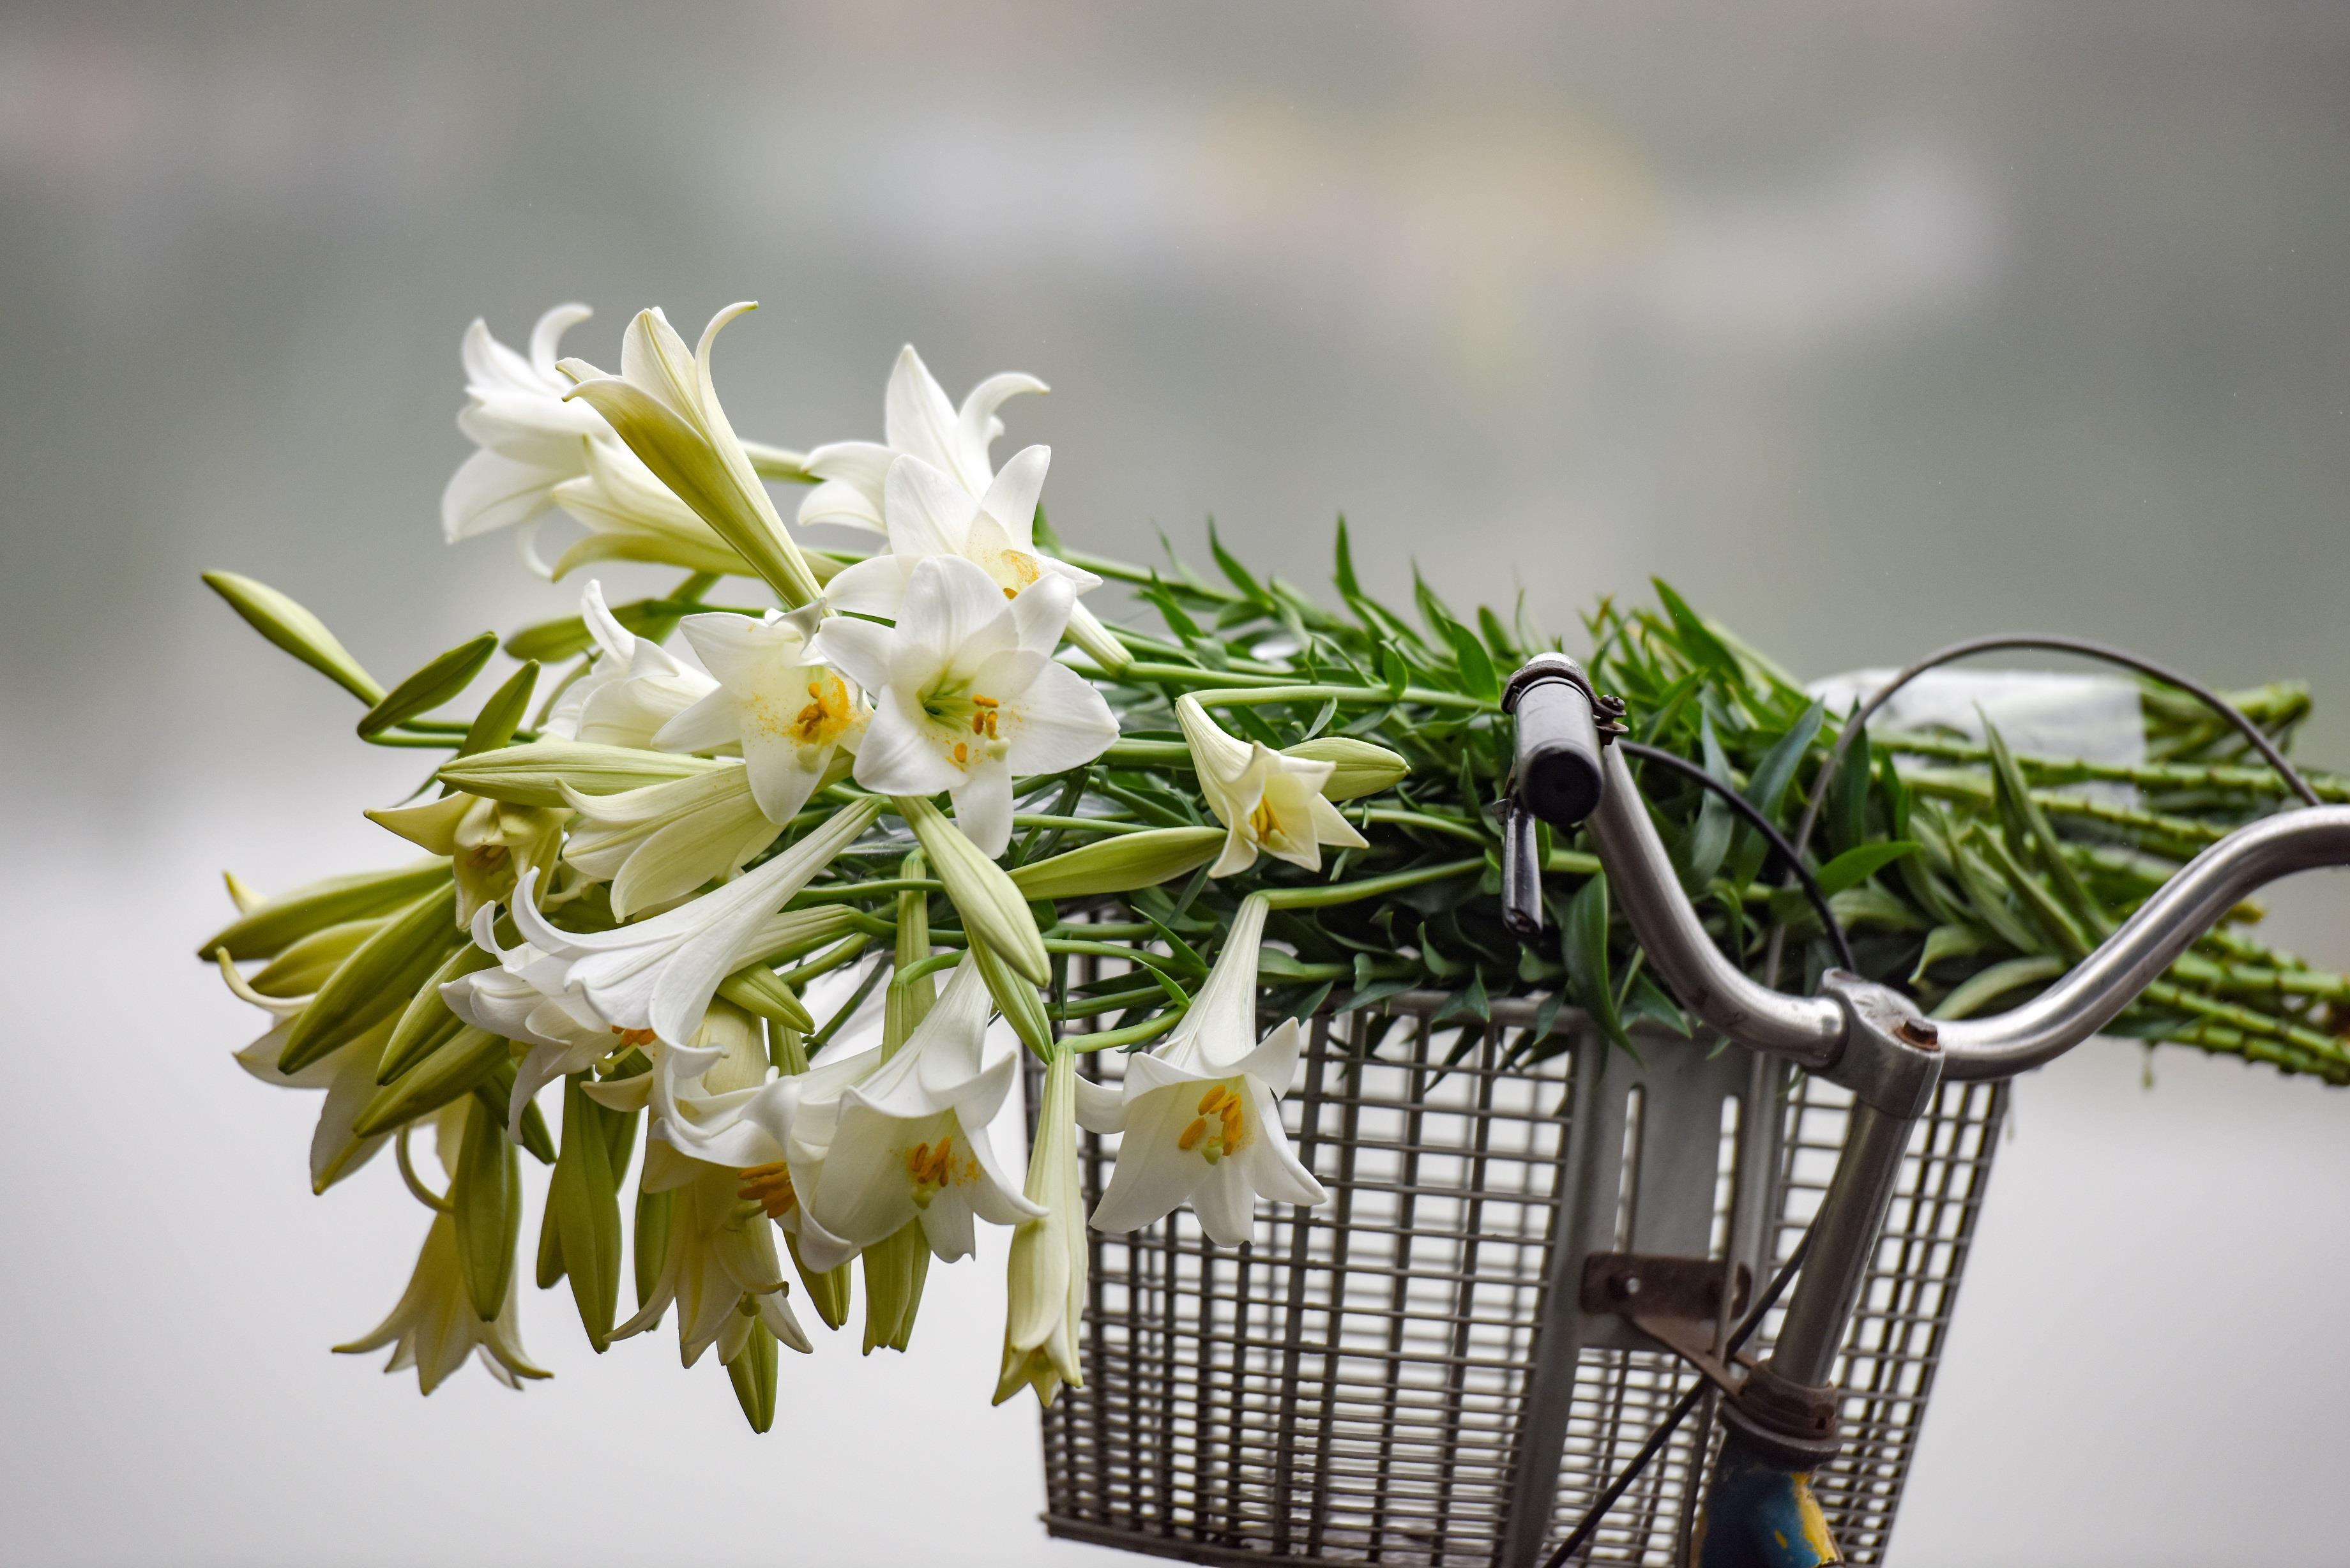 Hoa loa kèn trắng Đà Lạt hình ảnh đẹp nhất